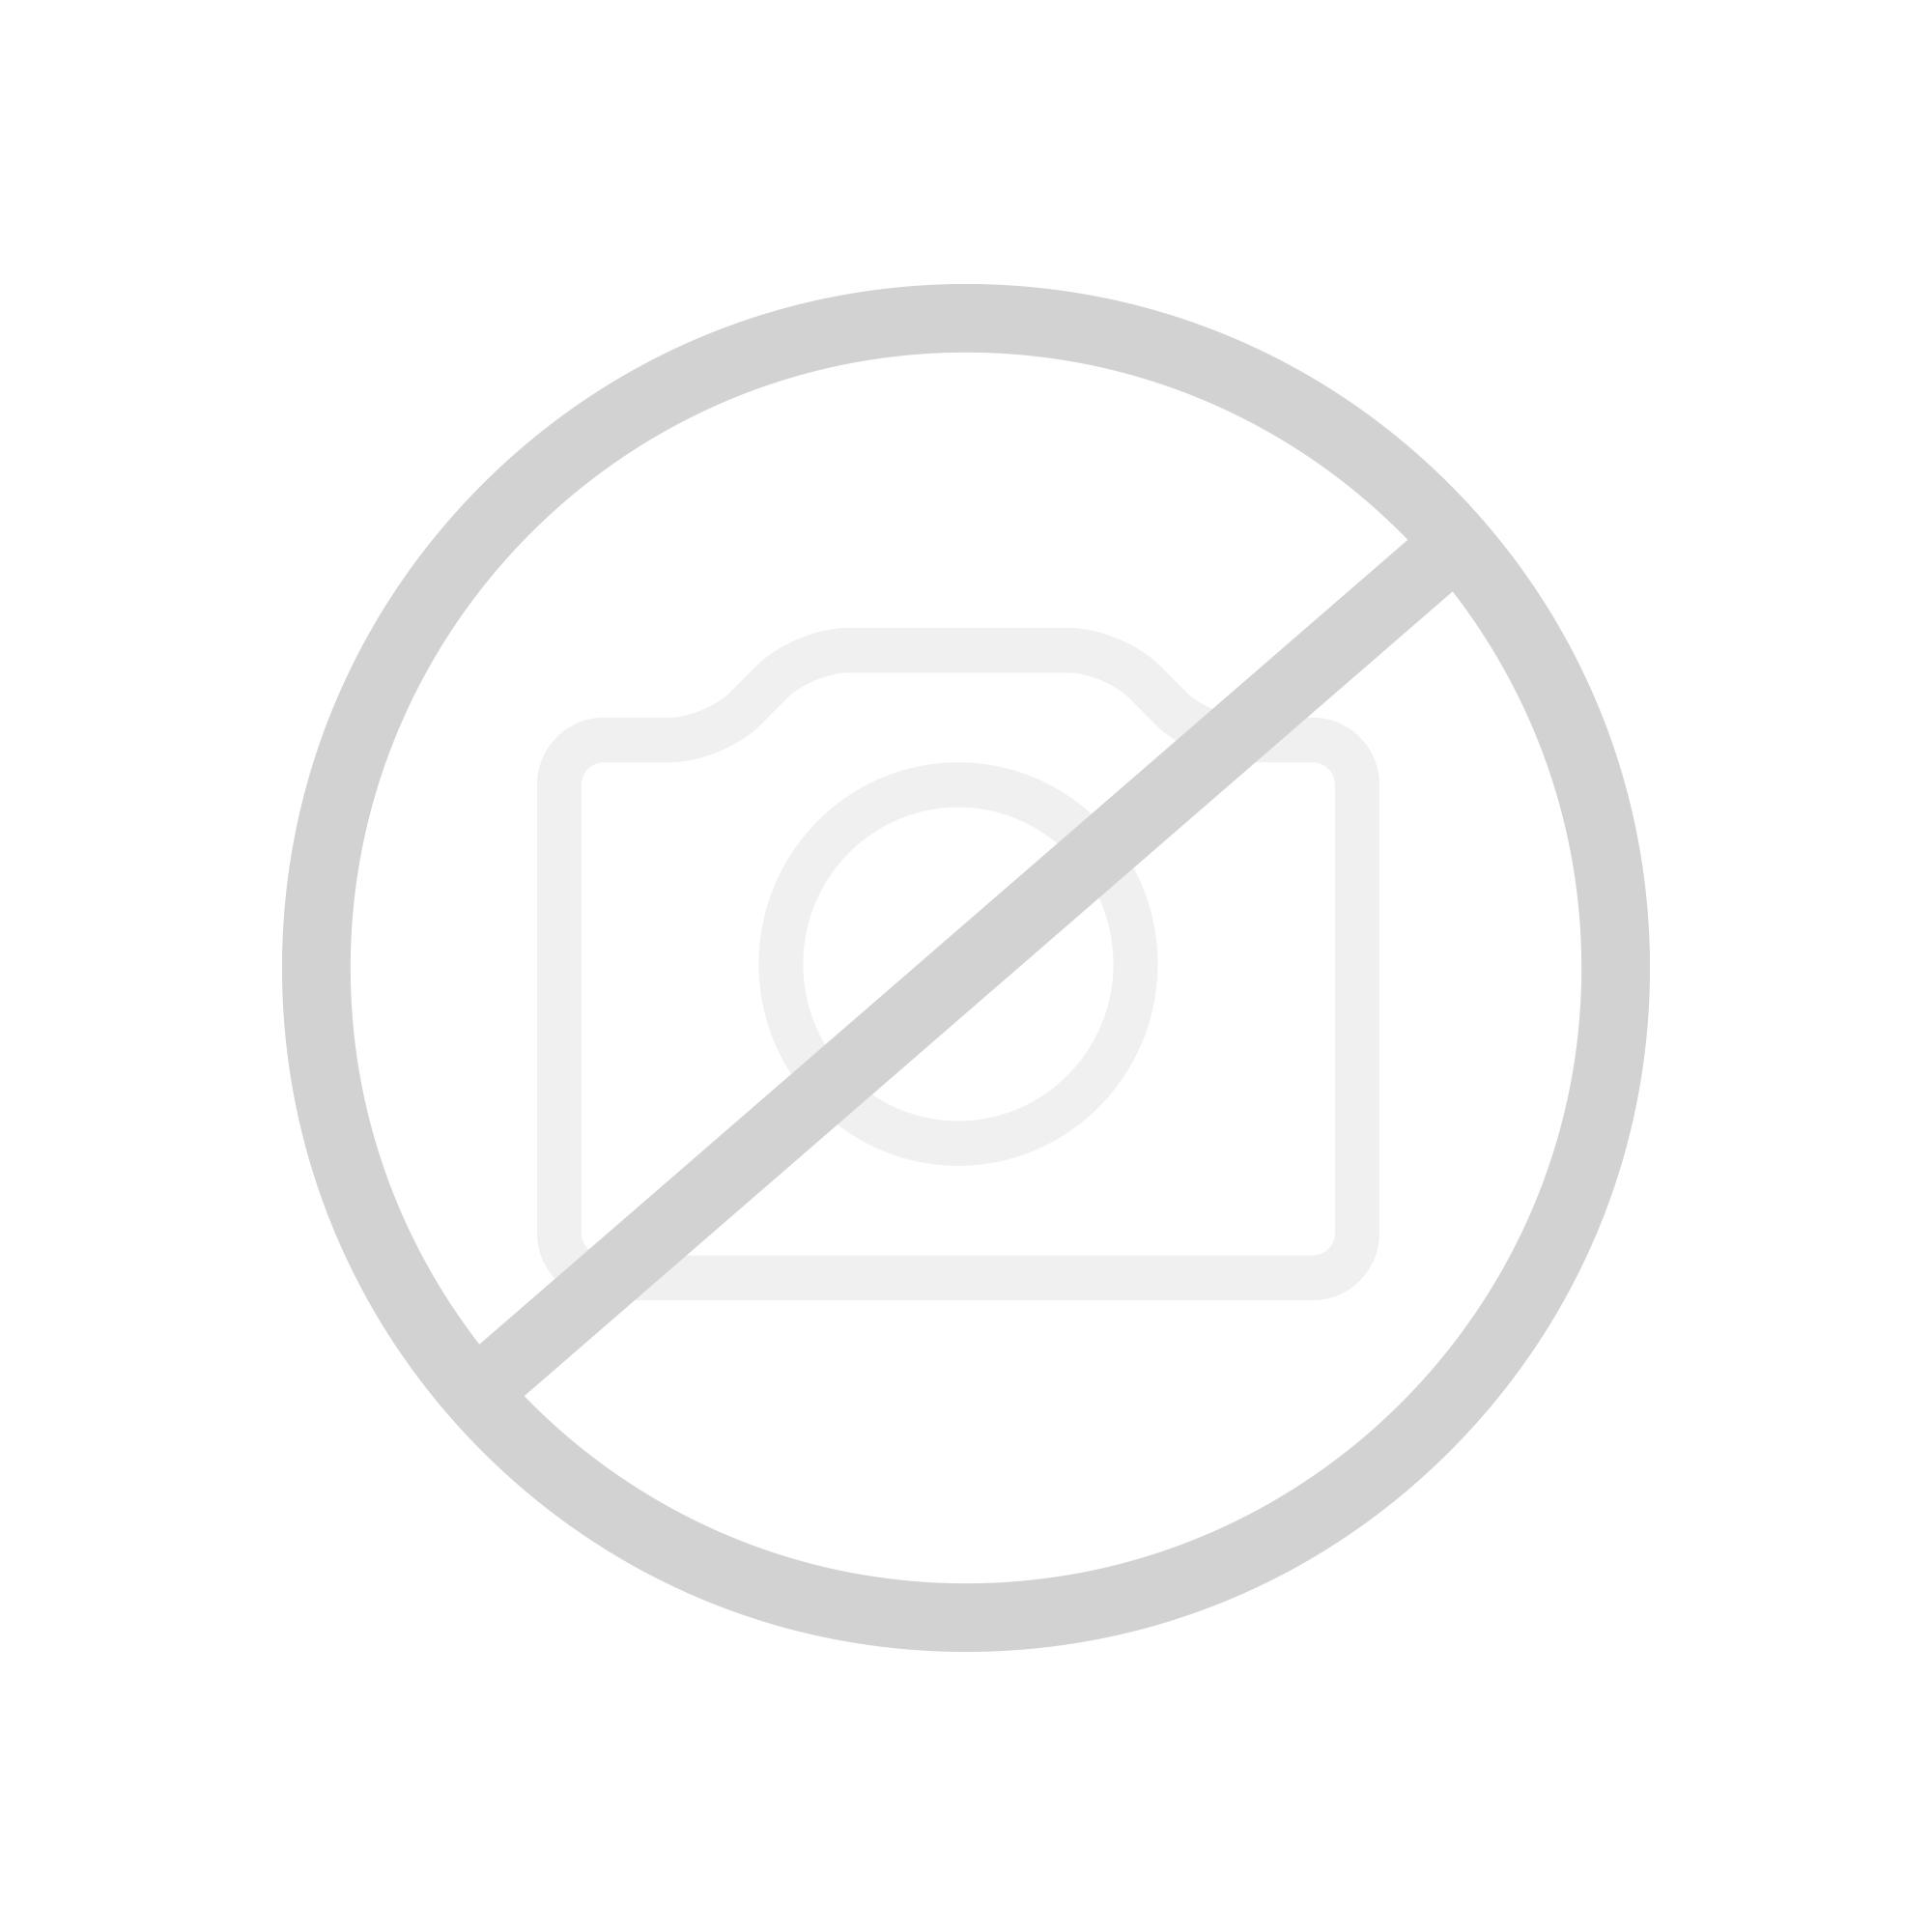 Badarmaturen wandmontage  Wandarmaturen günstig kaufen bei REUTER